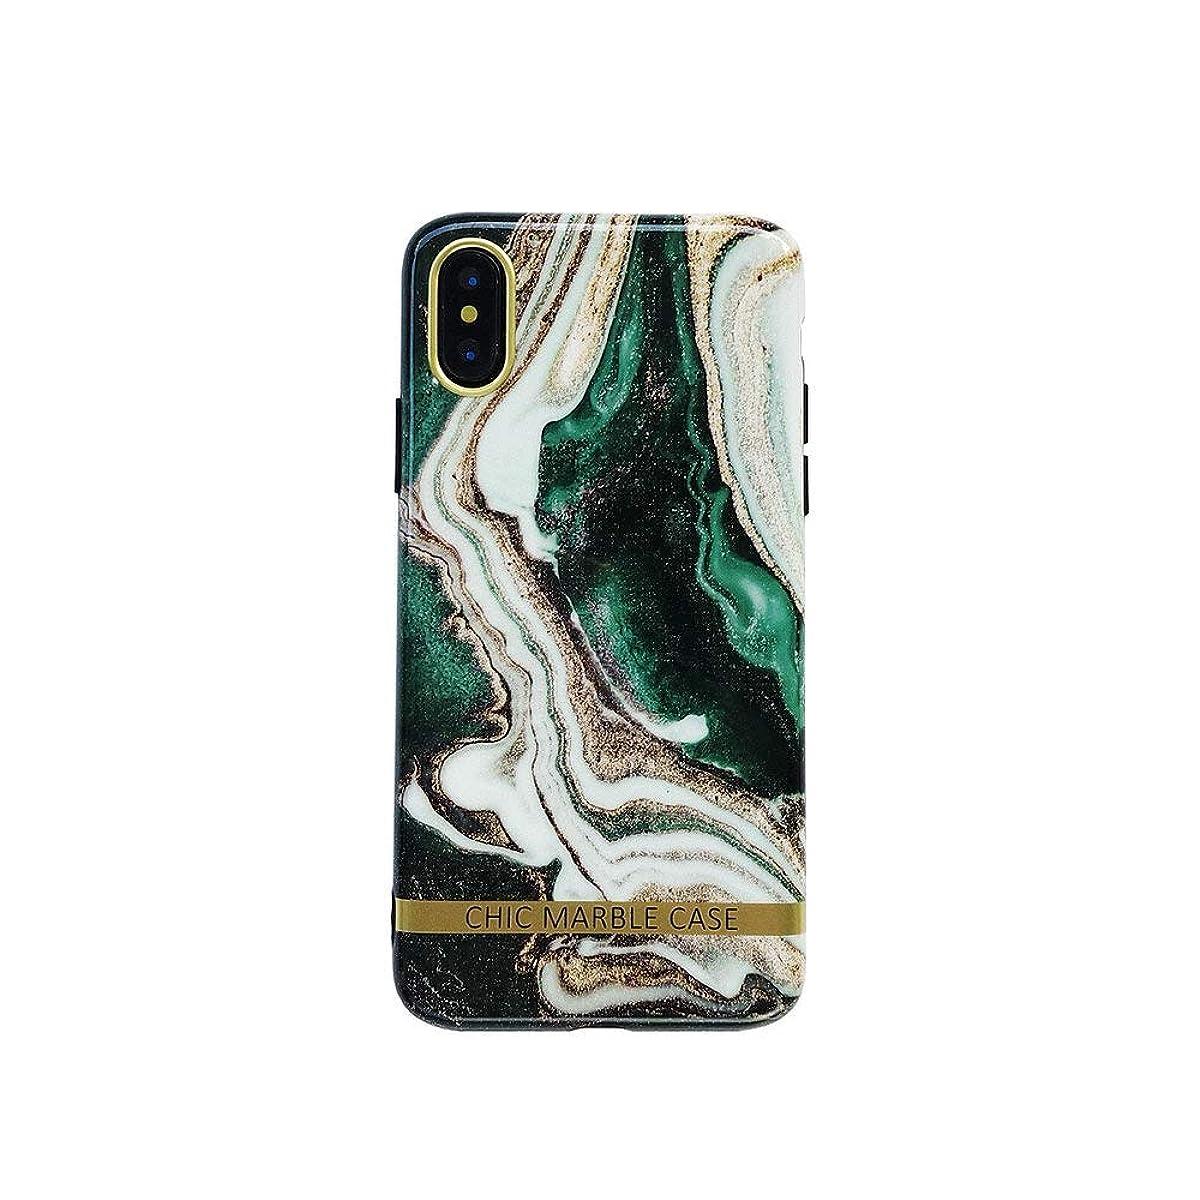 バルコニー不愉快に推測iPhone ケース レディース メンズ 携帯ケース iPhone7/8/7Plus/8Plus,iPhone X/XR,iPhoneXS/XS MAX (iPhoneX ケース)